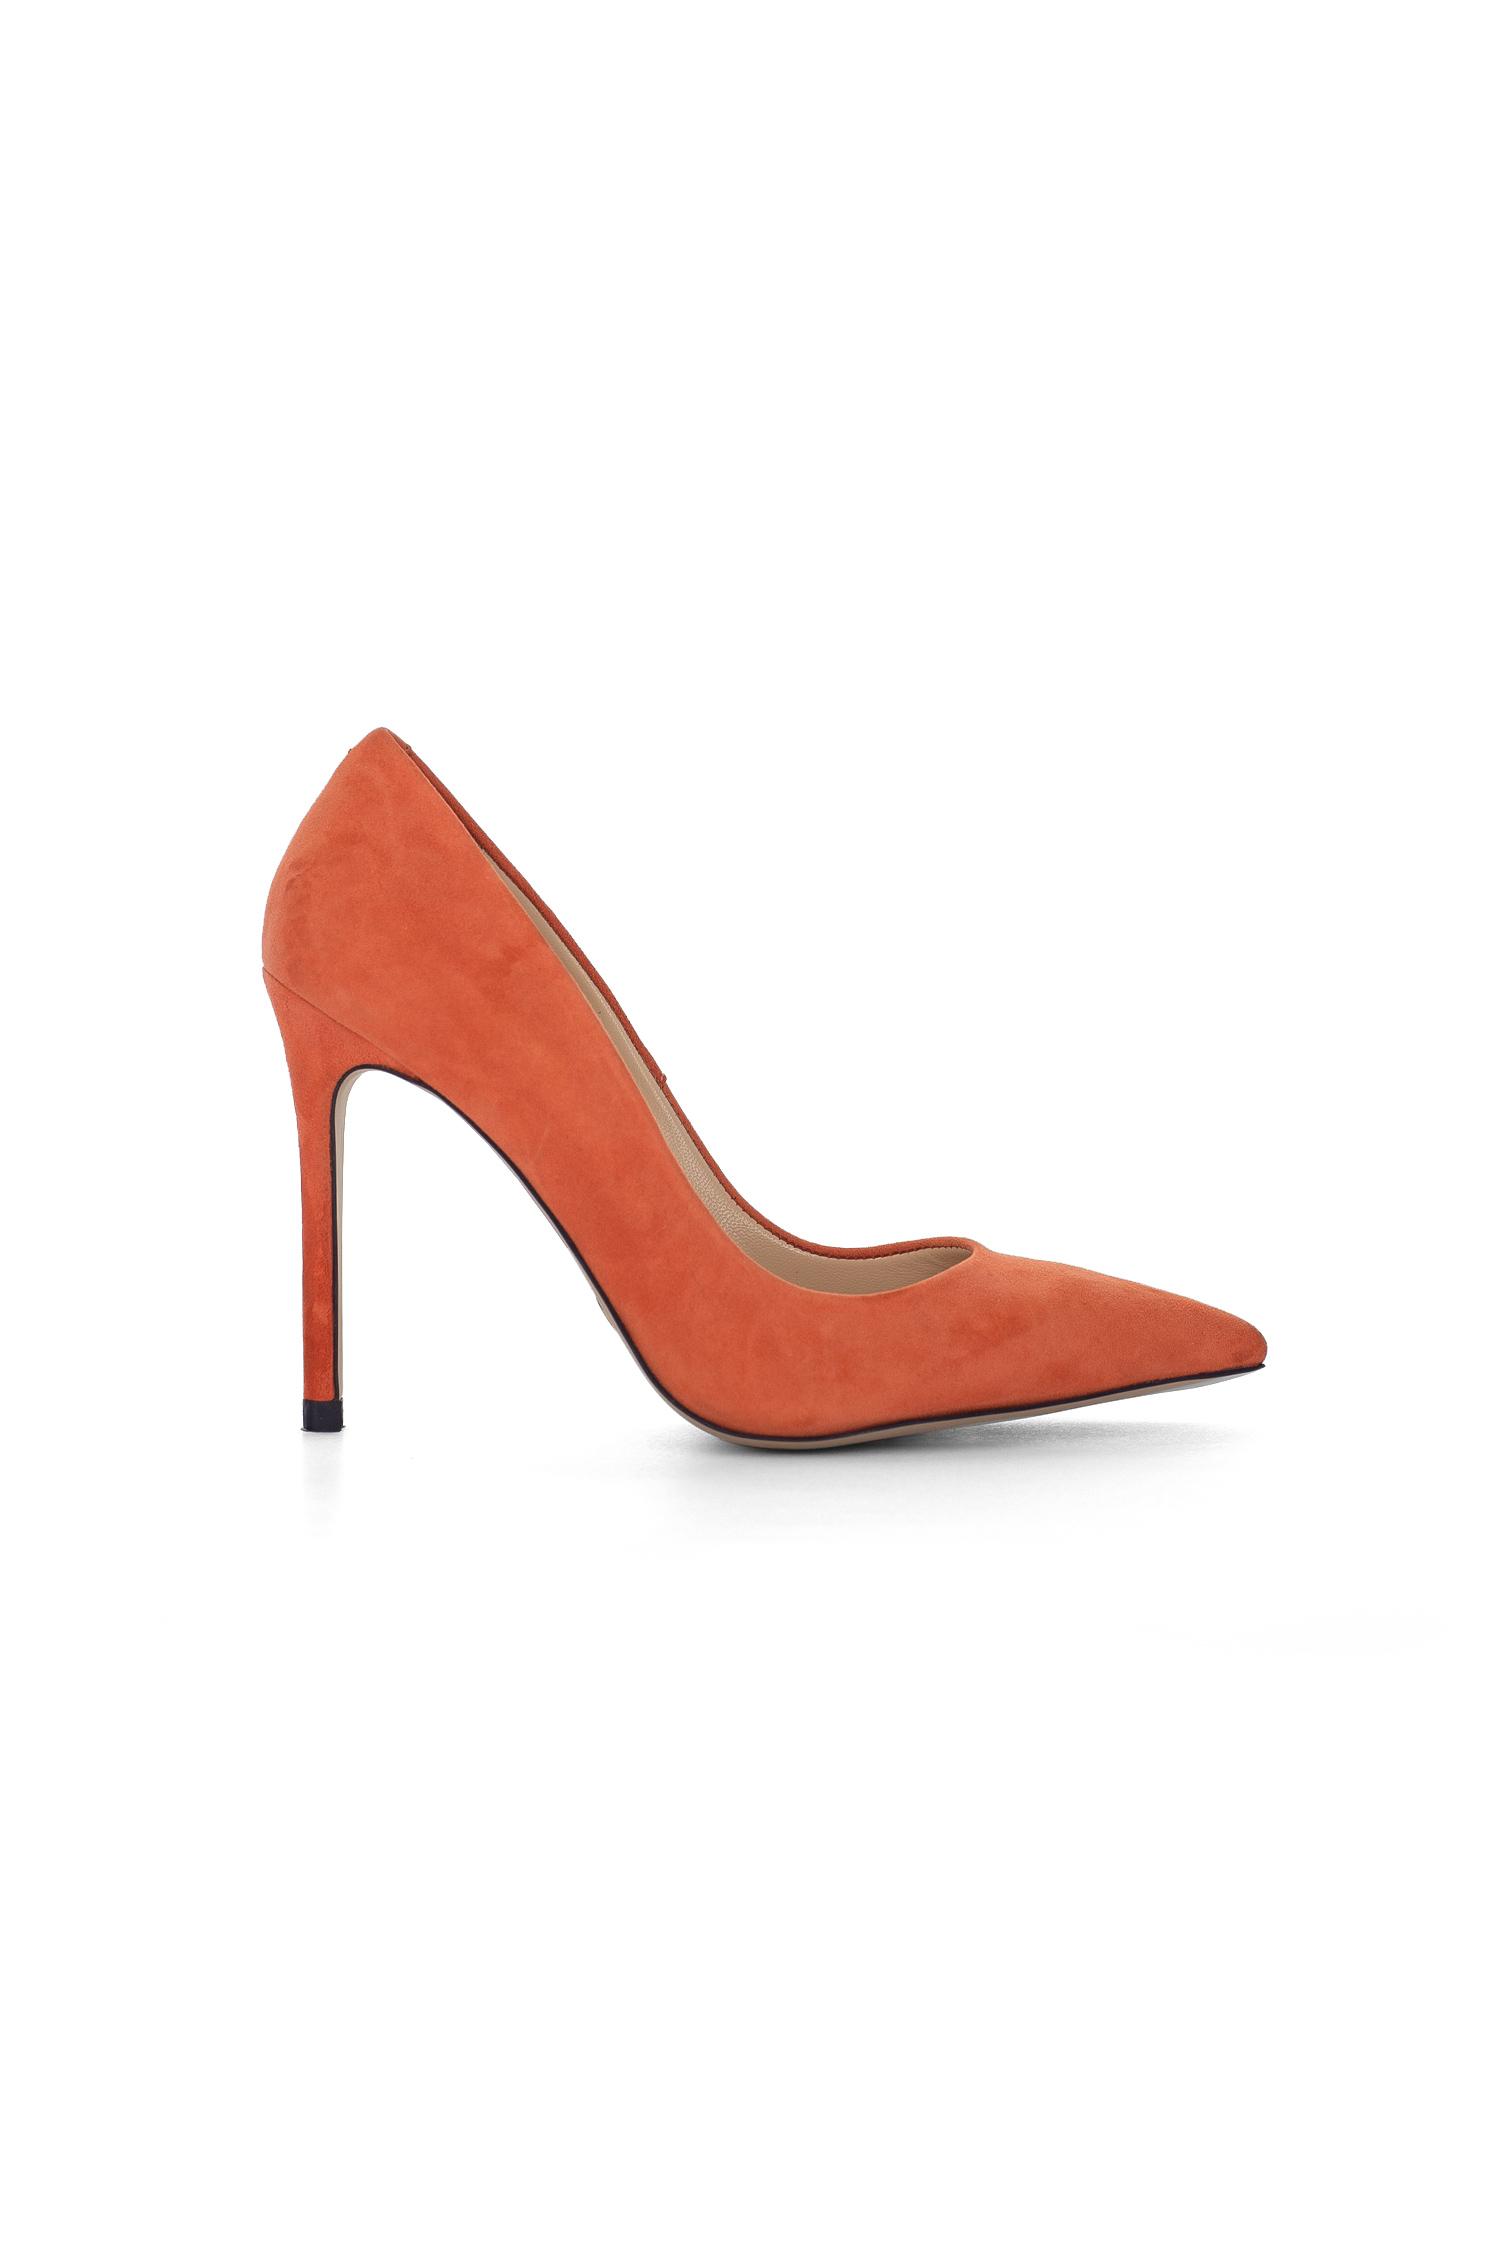 Stiletto ayakkabı dekupe çekimi